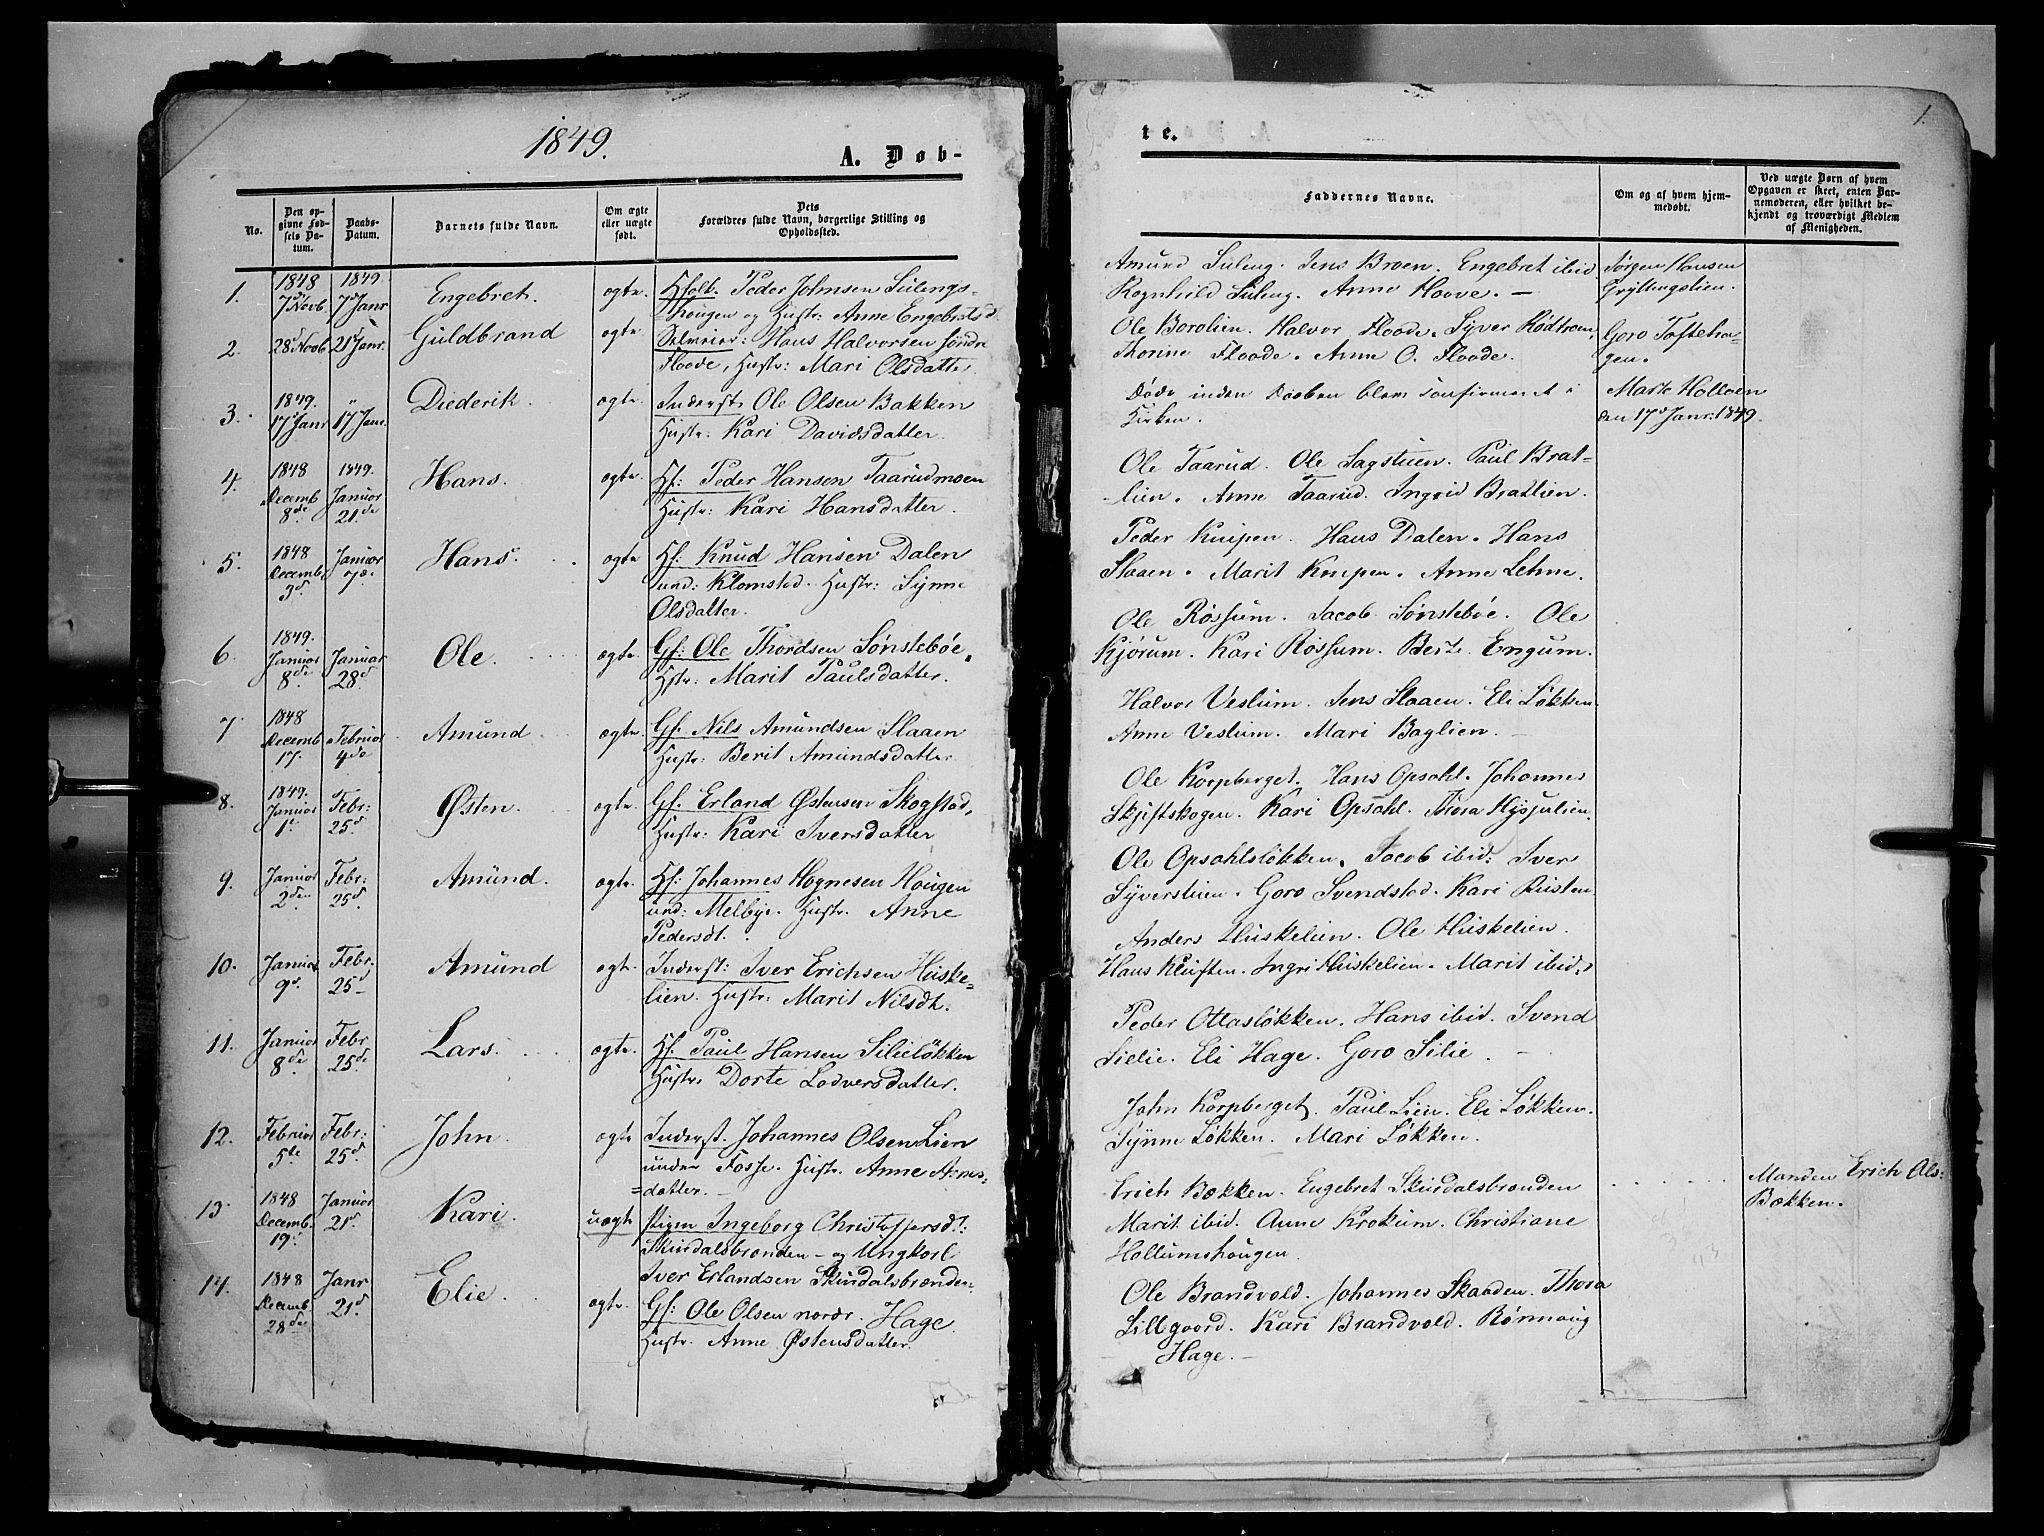 SAH, Sør-Fron prestekontor, H/Ha/Haa/L0001: Ministerialbok nr. 1, 1849-1863, s. 1